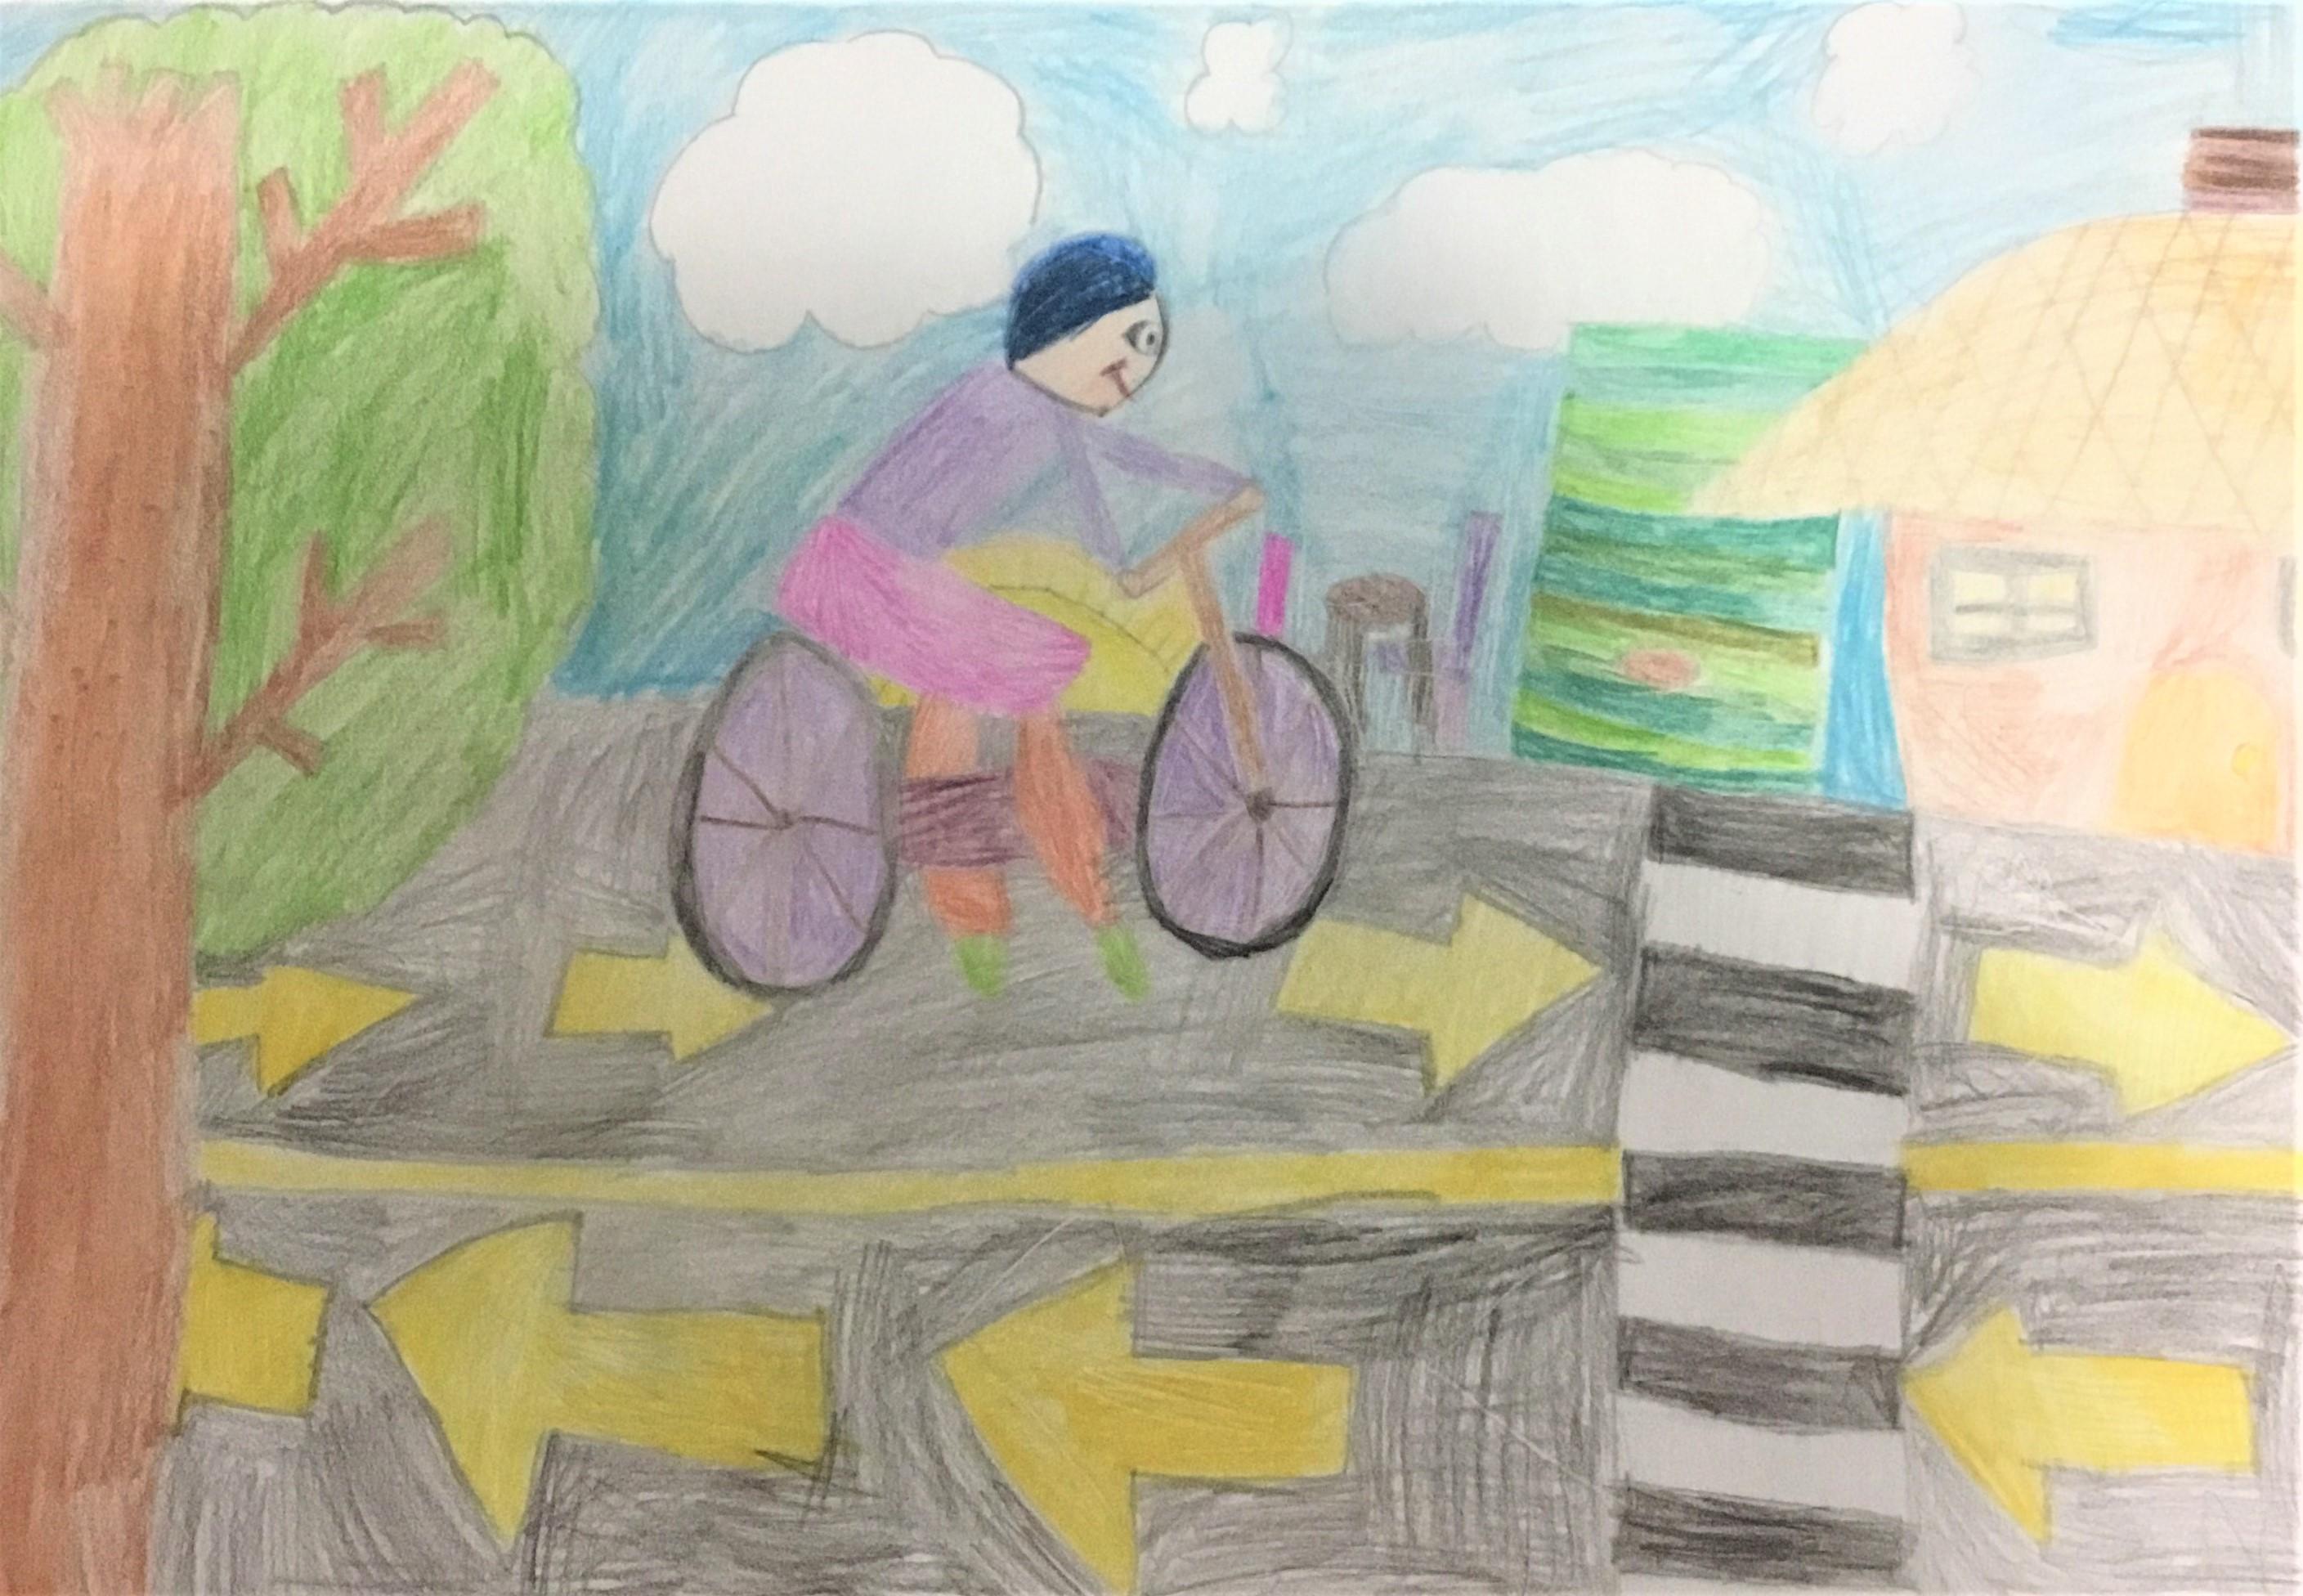 Yebin - Bicycle